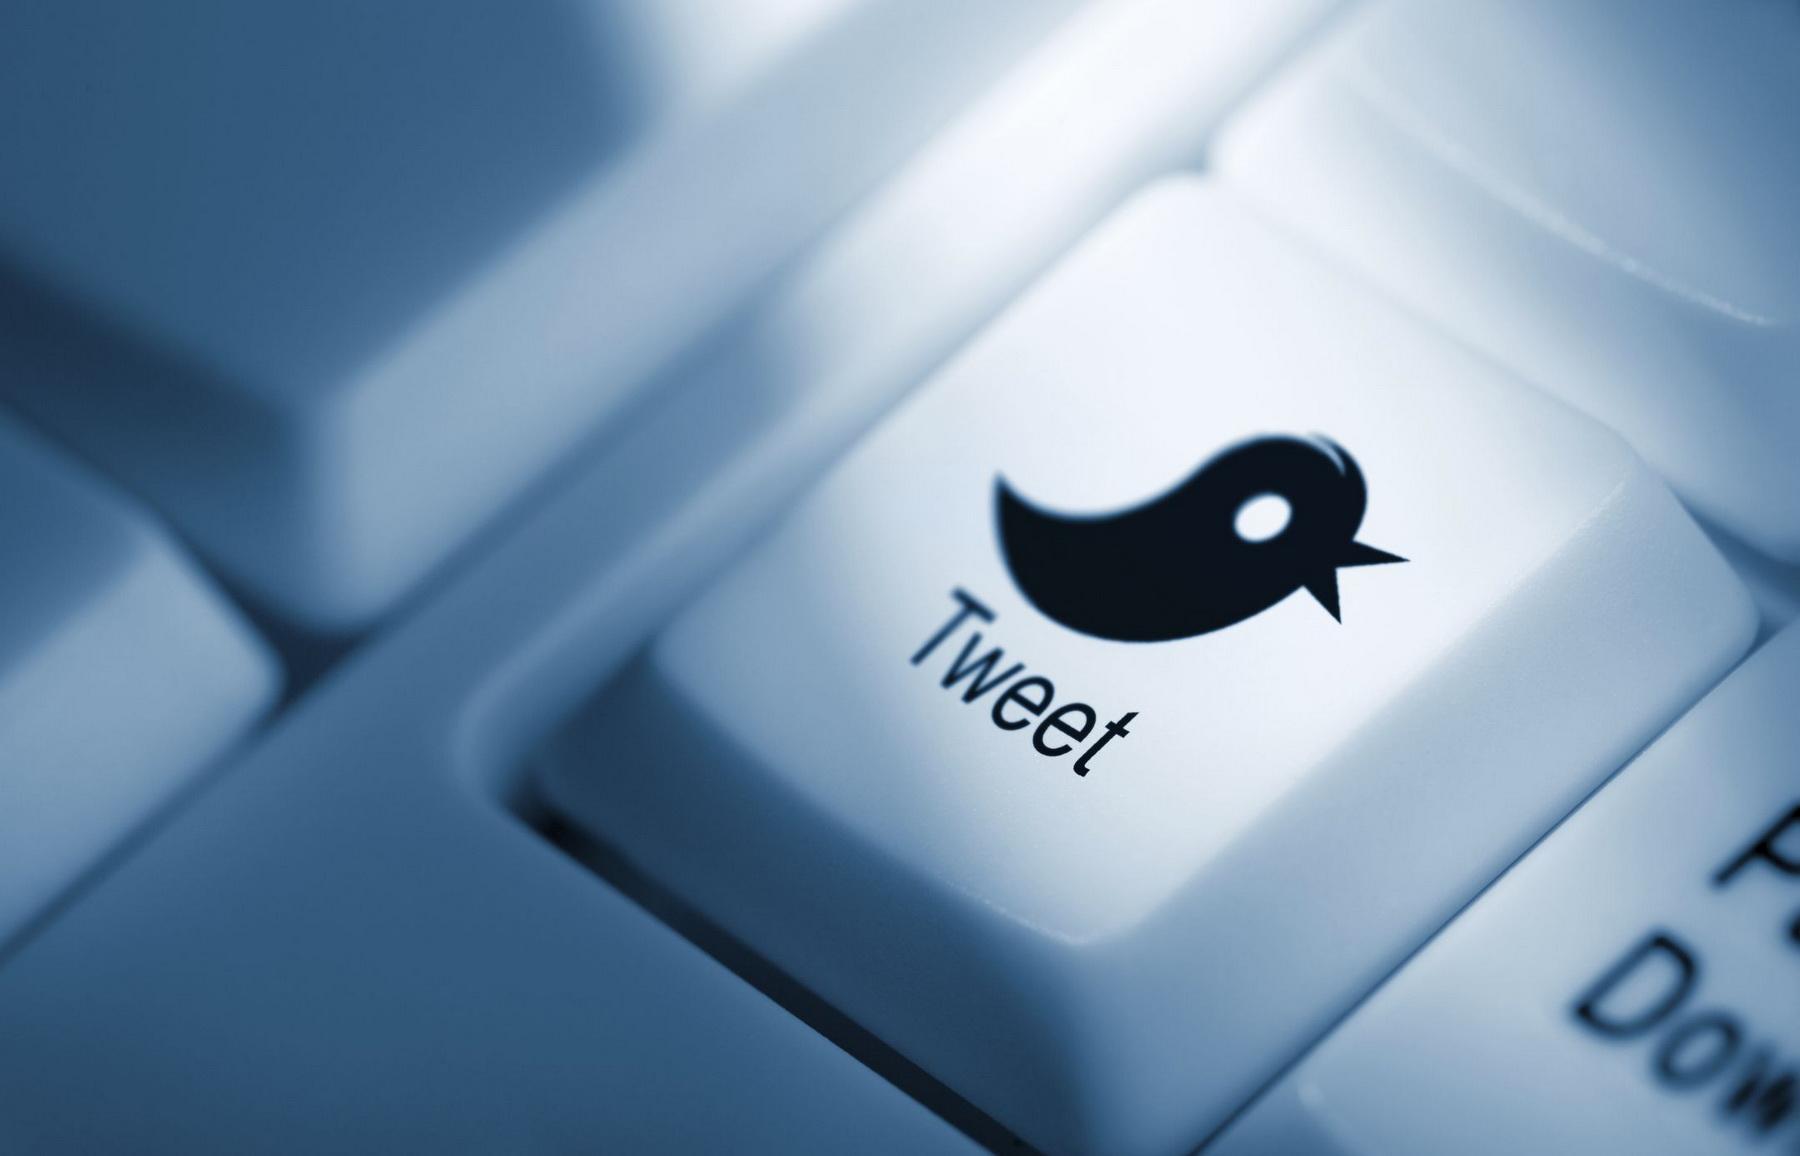 Захват управления над чужим аккаунтом Twitter возможен через спуфинг телефонного номера